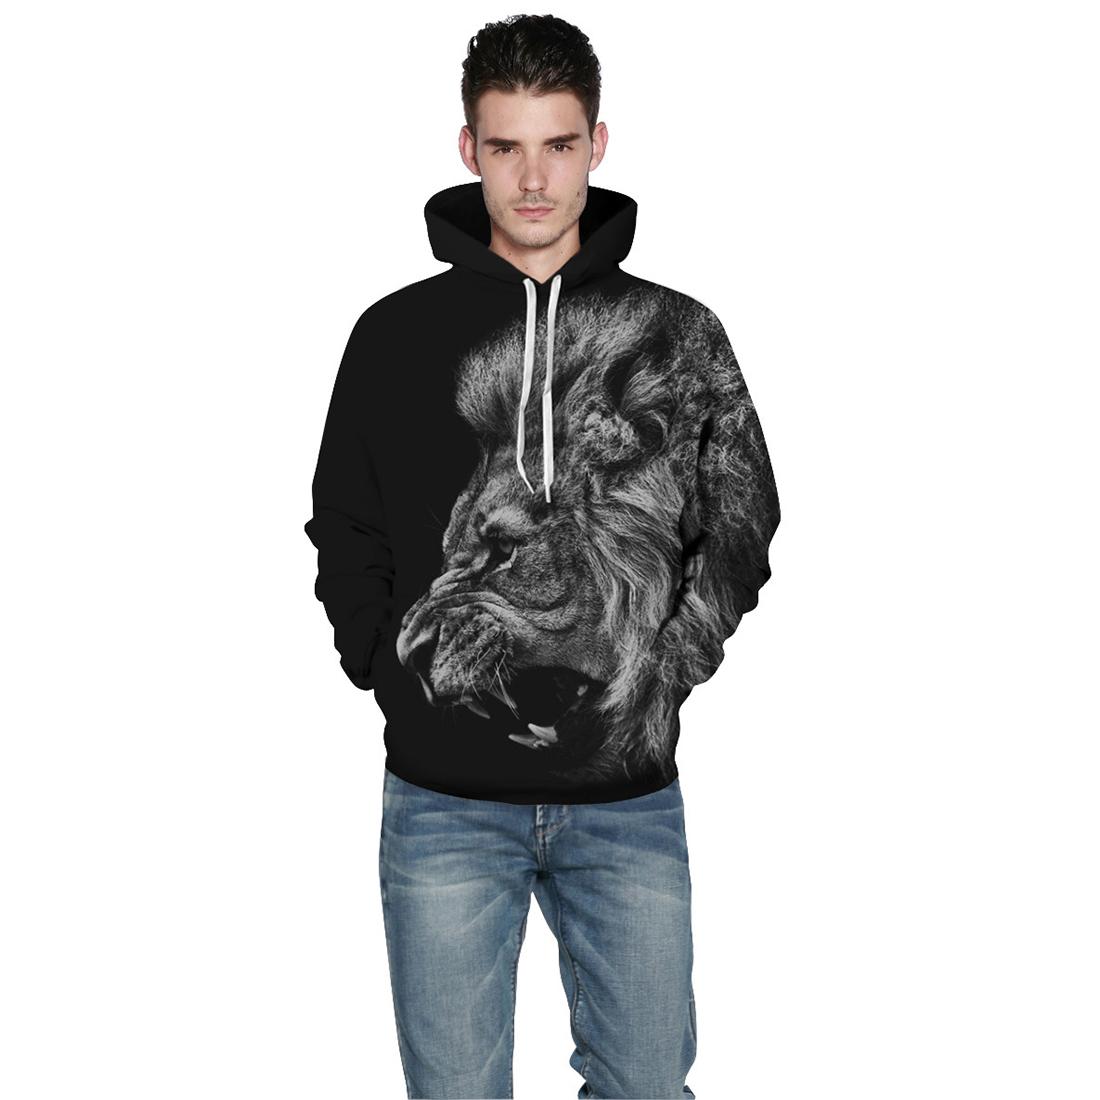 Повседневный свитшот с капюшоном и 3D принтом свирепого льва унисекс (черный, XXL-XXXL / US-14-16 / UK-18-20)